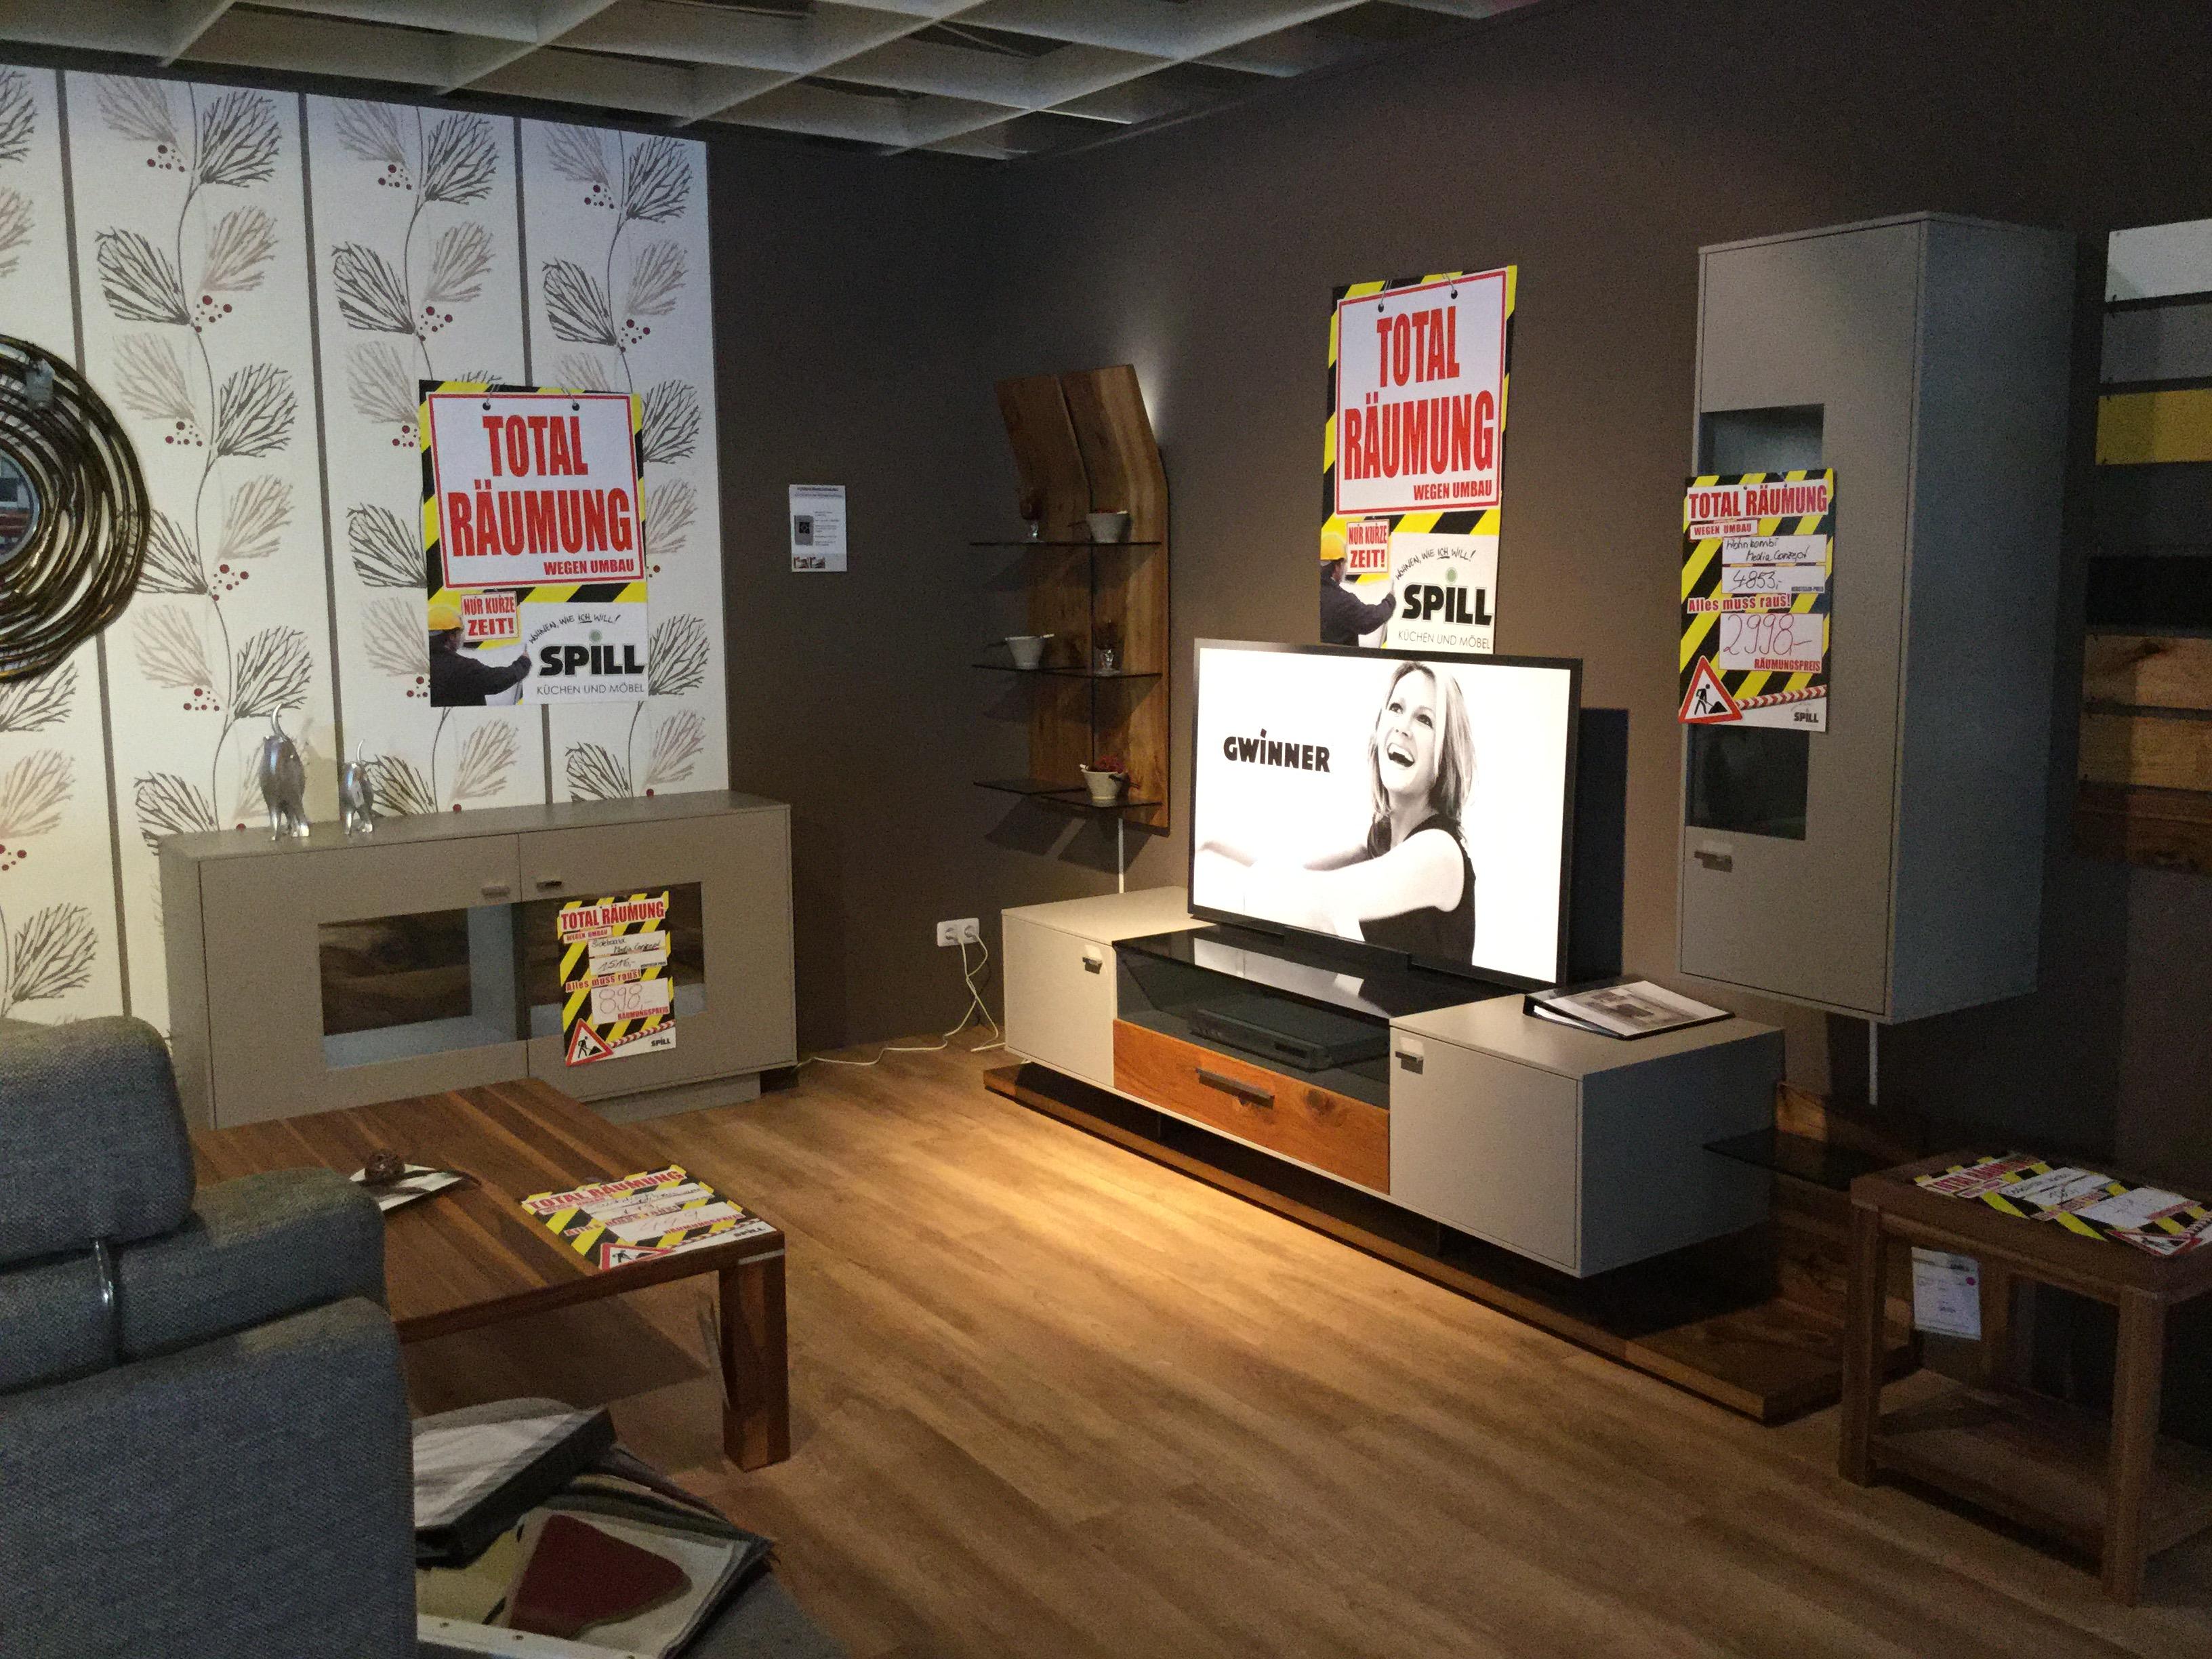 Mein Ausstellungsstuck Gwinner Wohnkombi Mediaconcept